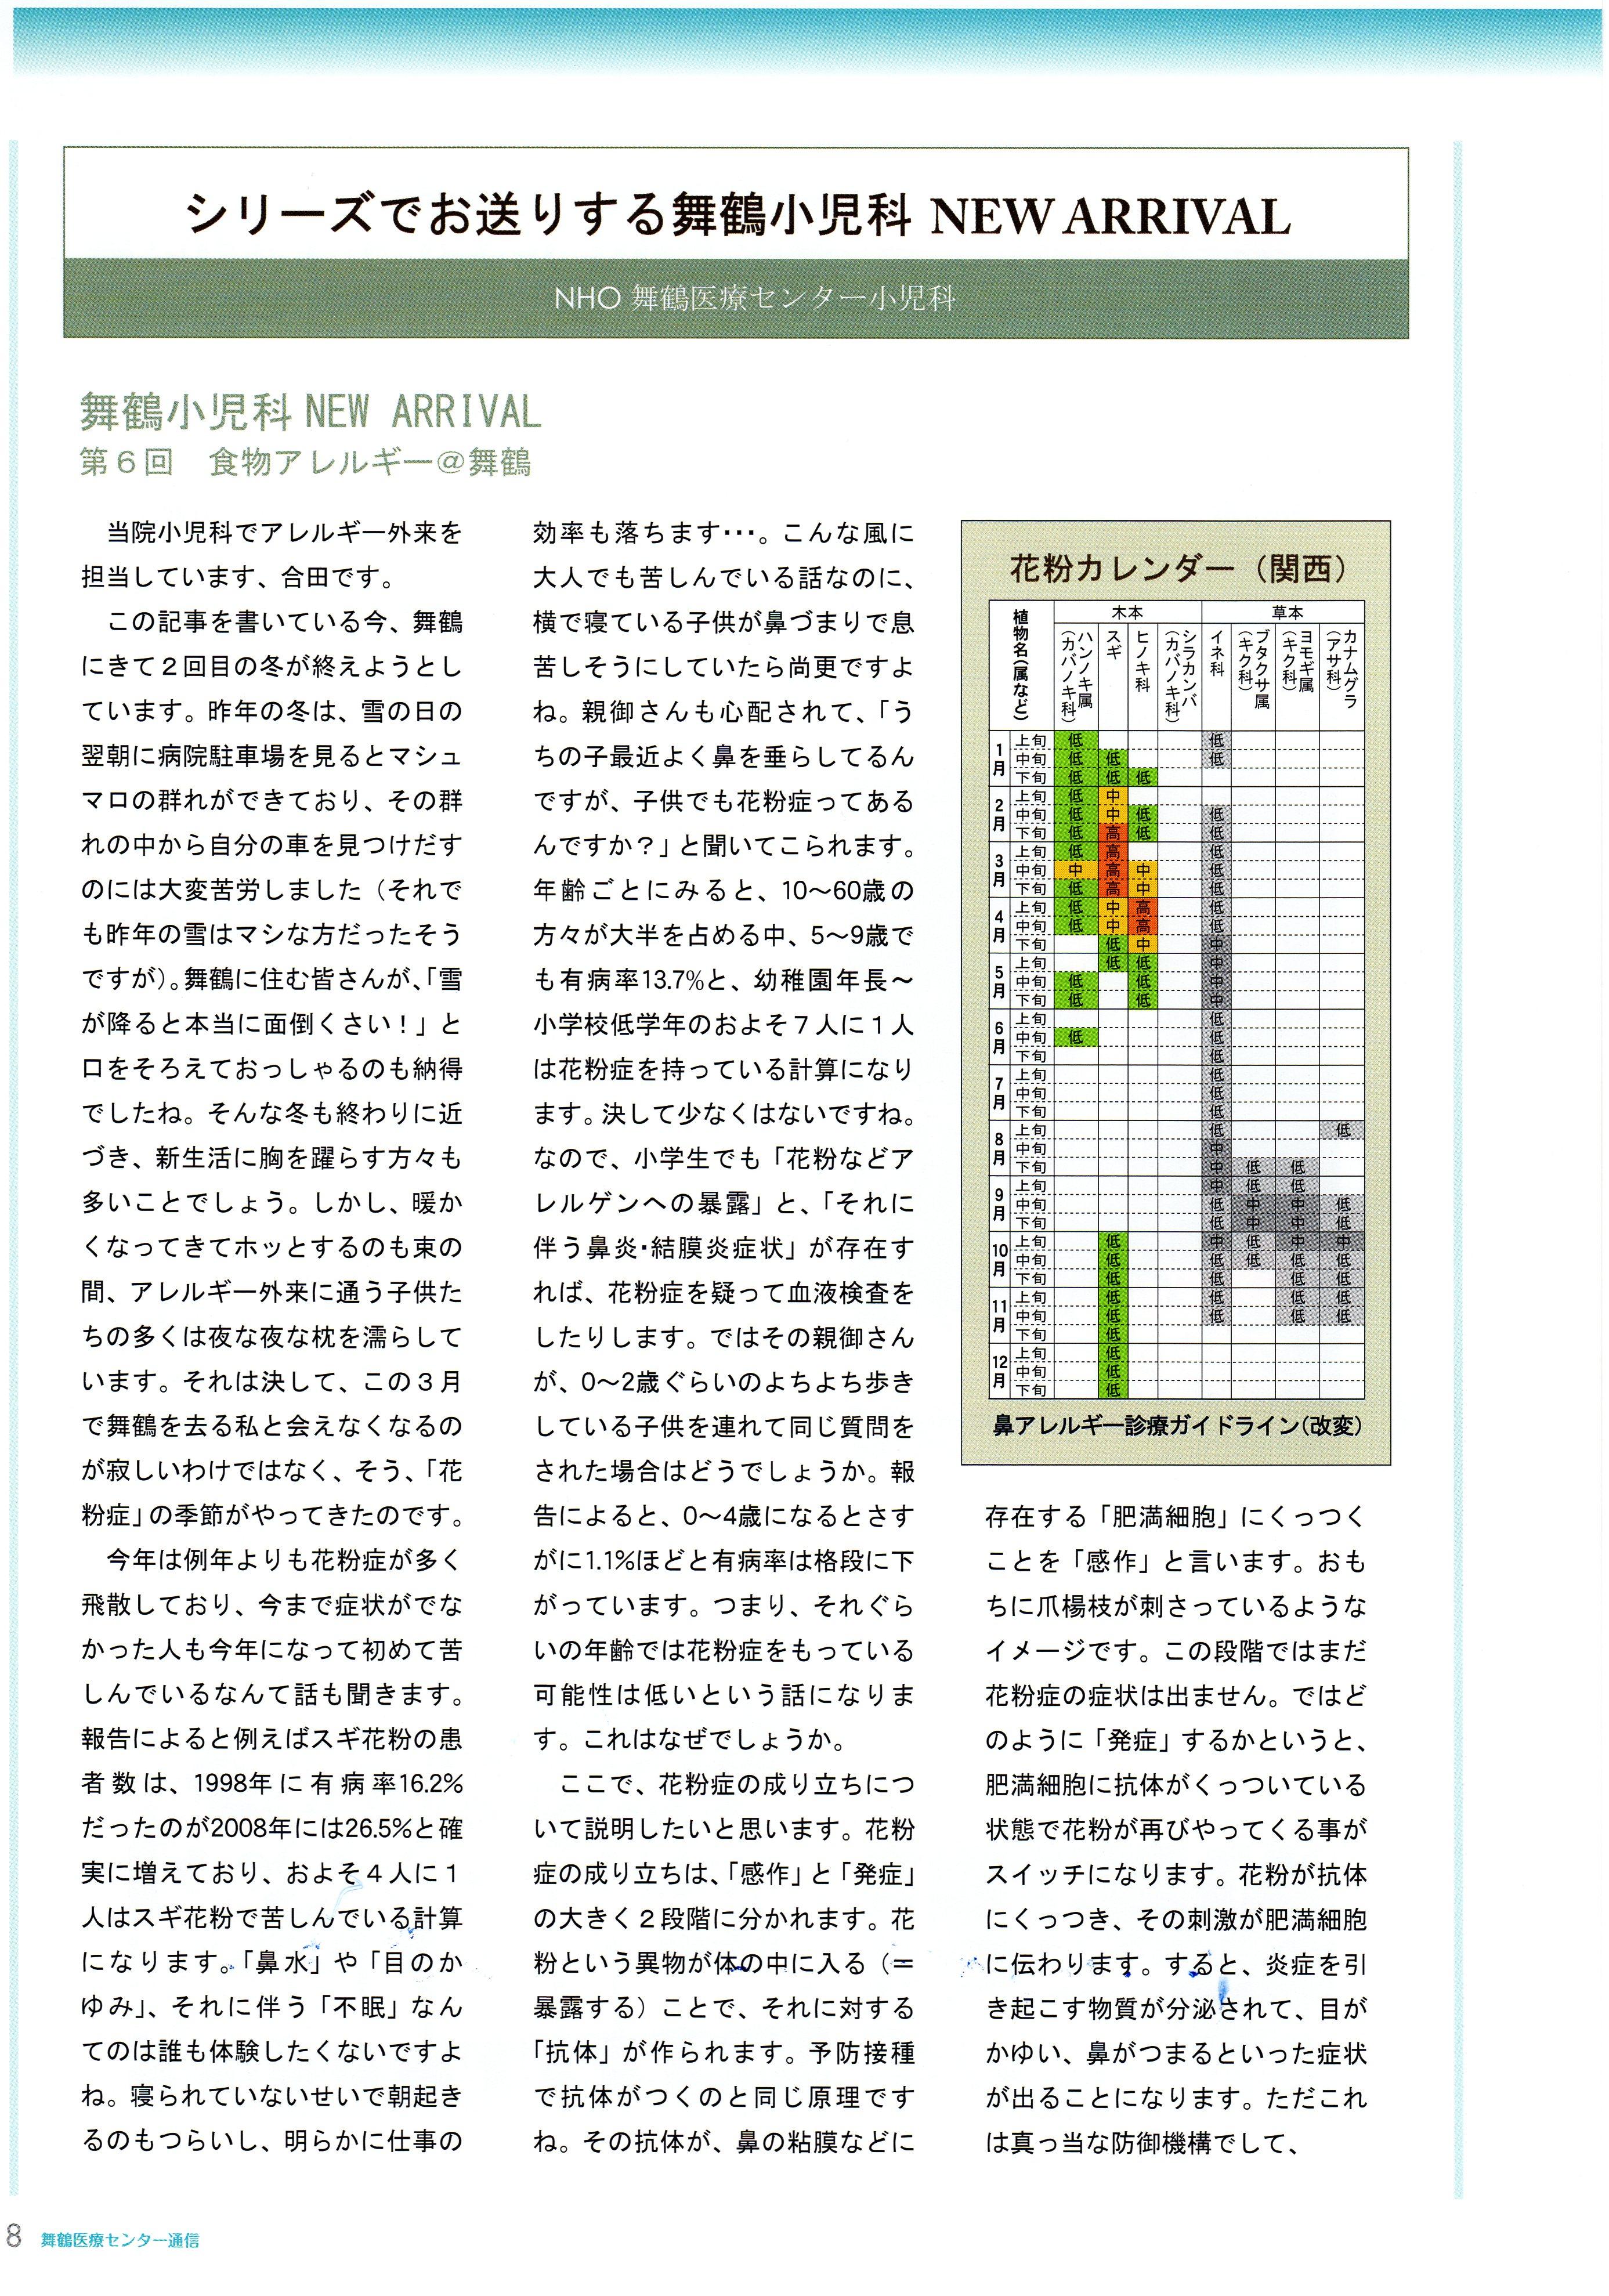 舞鶴小児科NEWARRIVAL6001